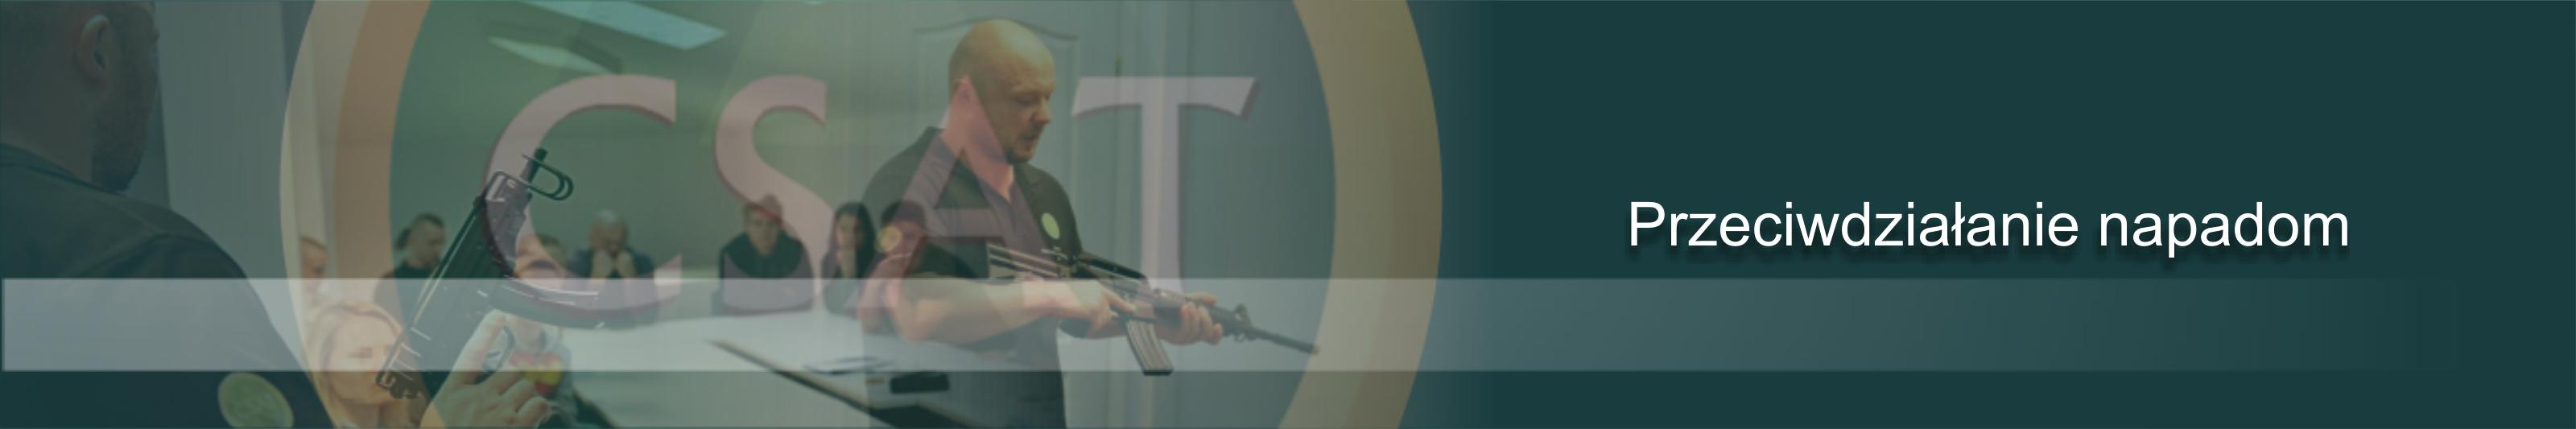 CSAT przeciwdzialanie napadom